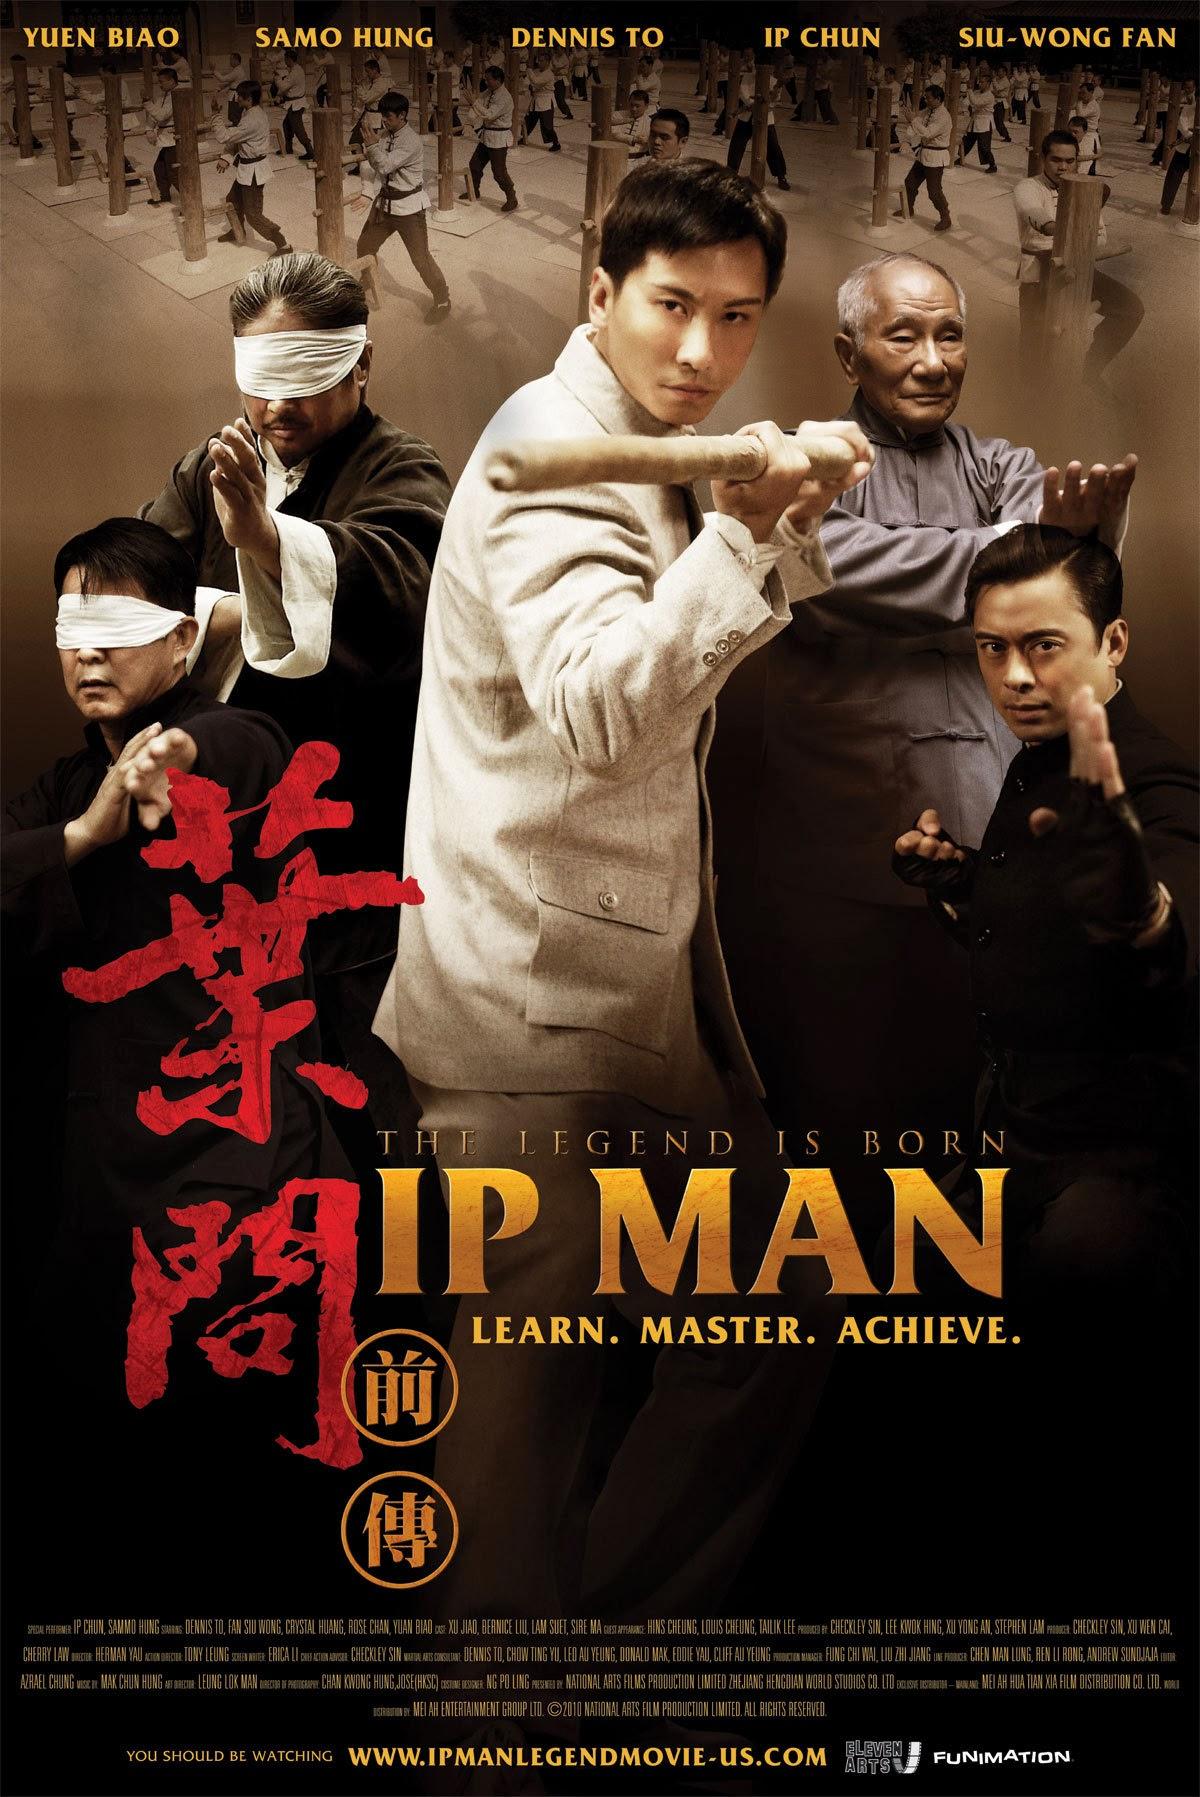 Diệp Vấn Tiền Truyện - Ip Man : The Legend Is Born